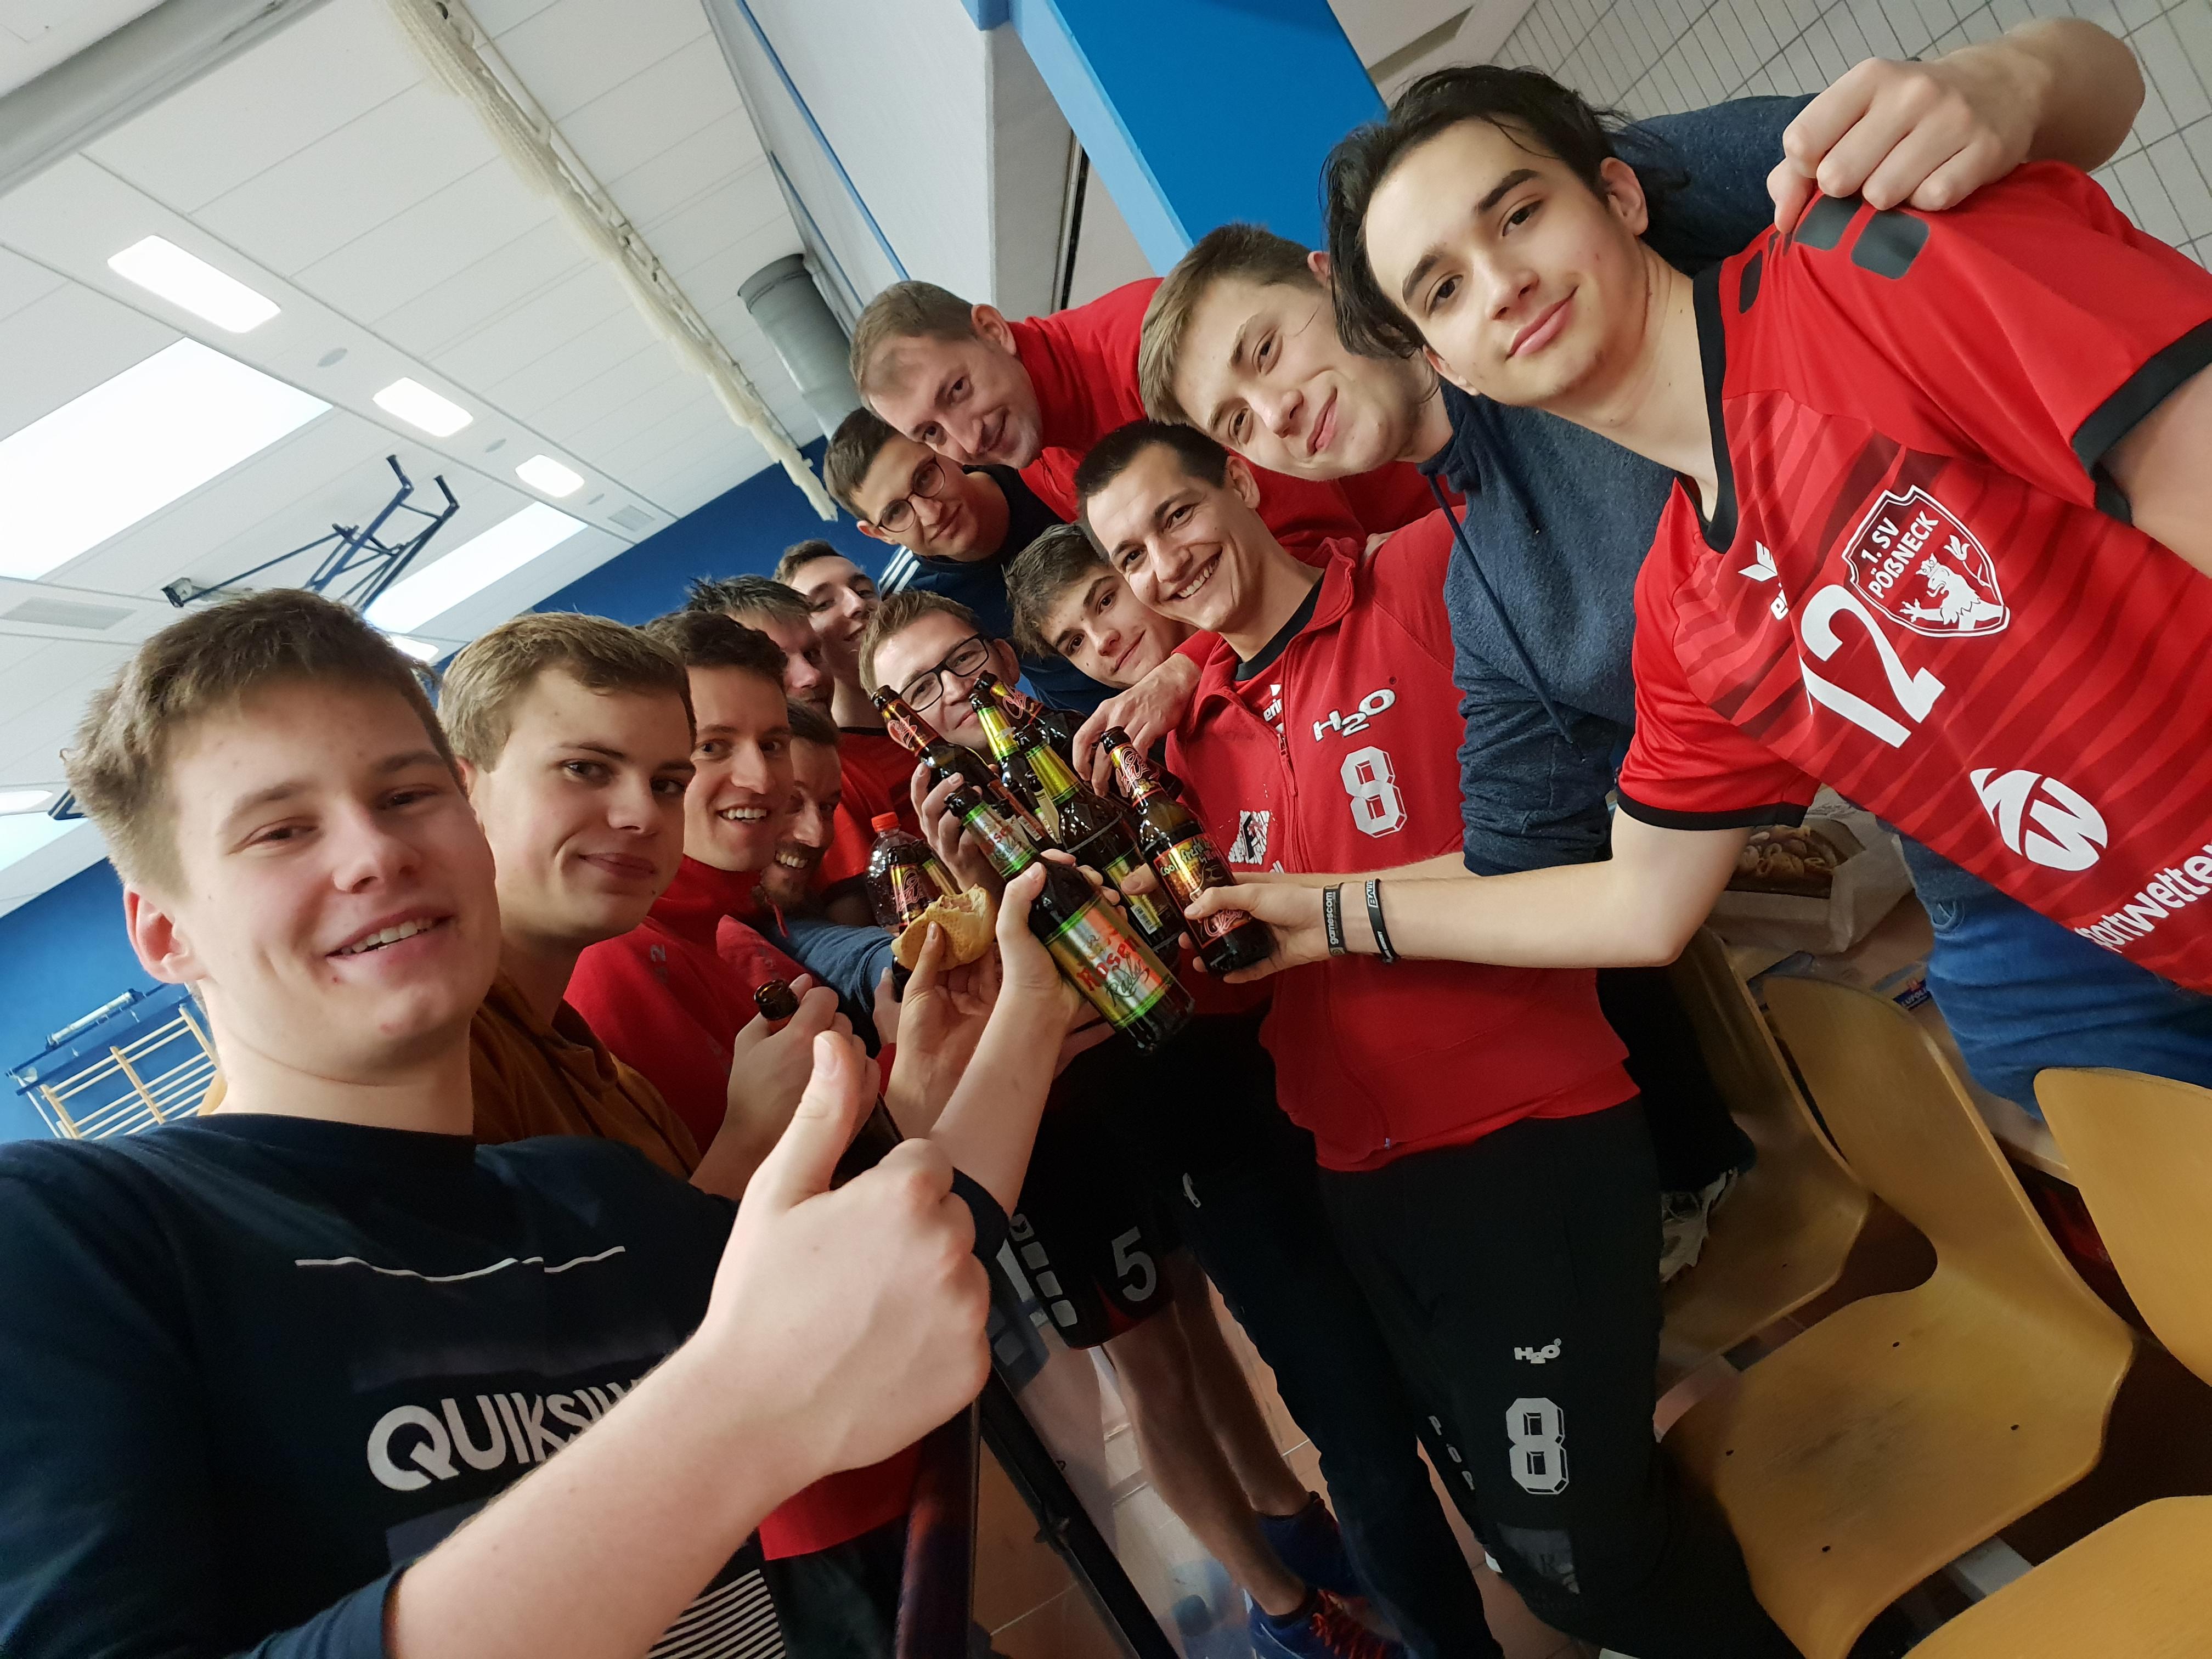 Bezirksliga Ost - Pöẞnecker Volleyballer demontieren Tabellenführer Tröbnitz mit einem klaren 3:0 Sieg